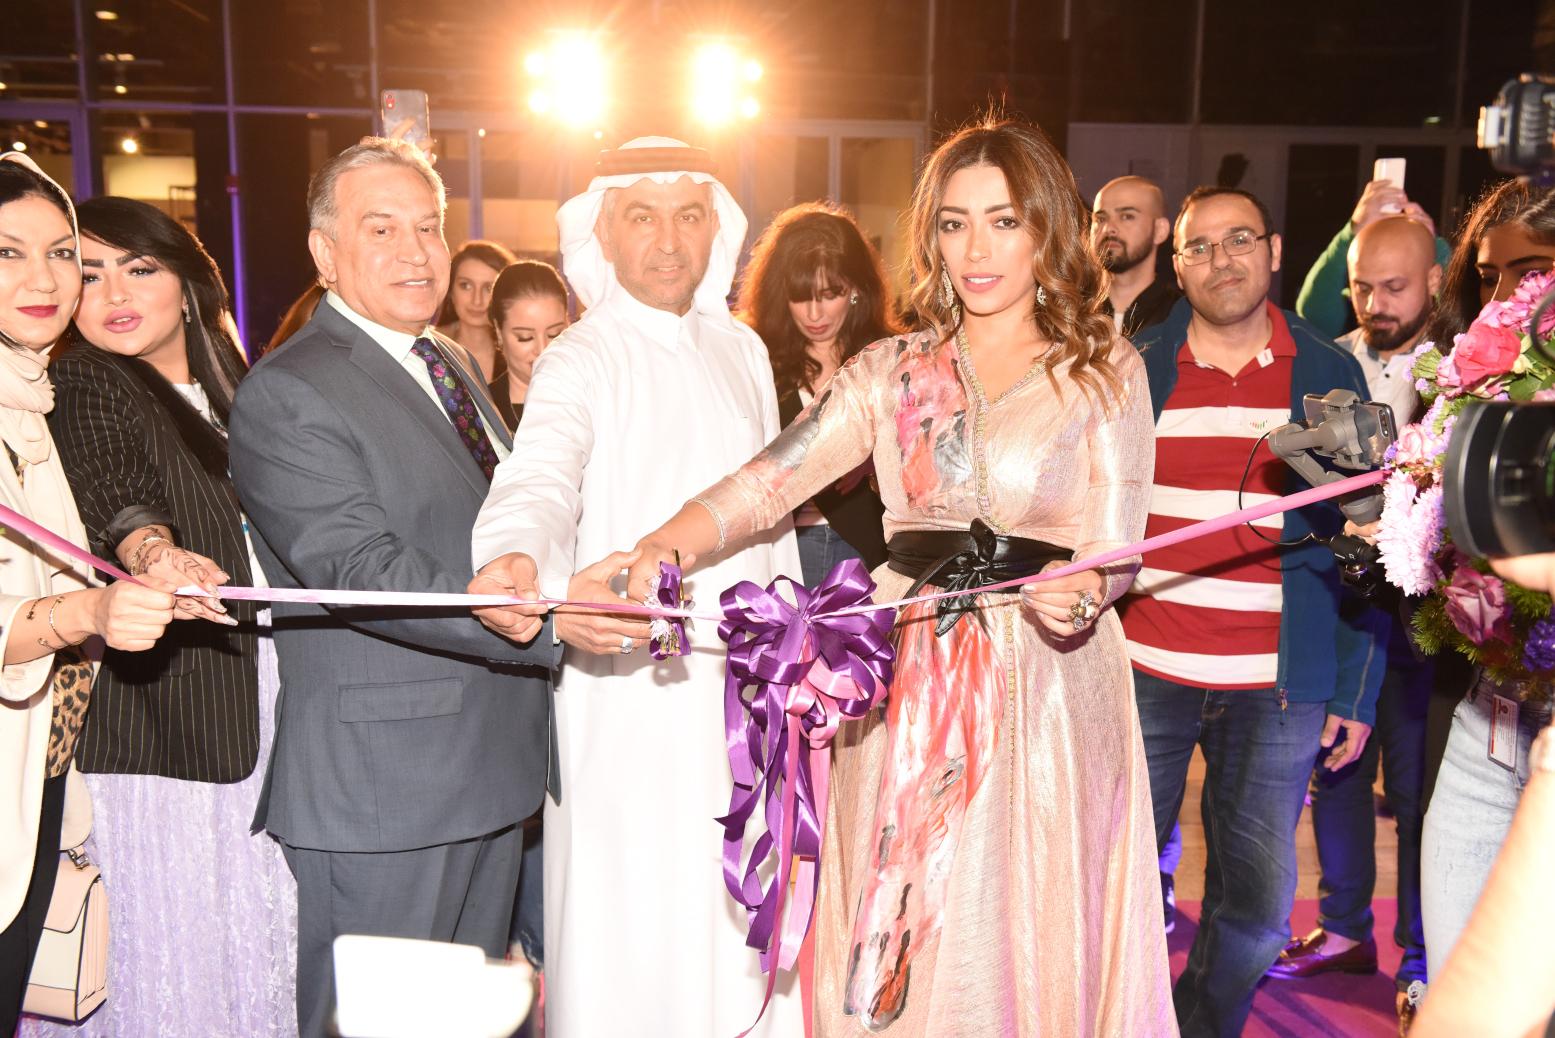 صورة افتتاح غاليري ارستيستا للفنانة التشكيلية لمياء منهل في دبي